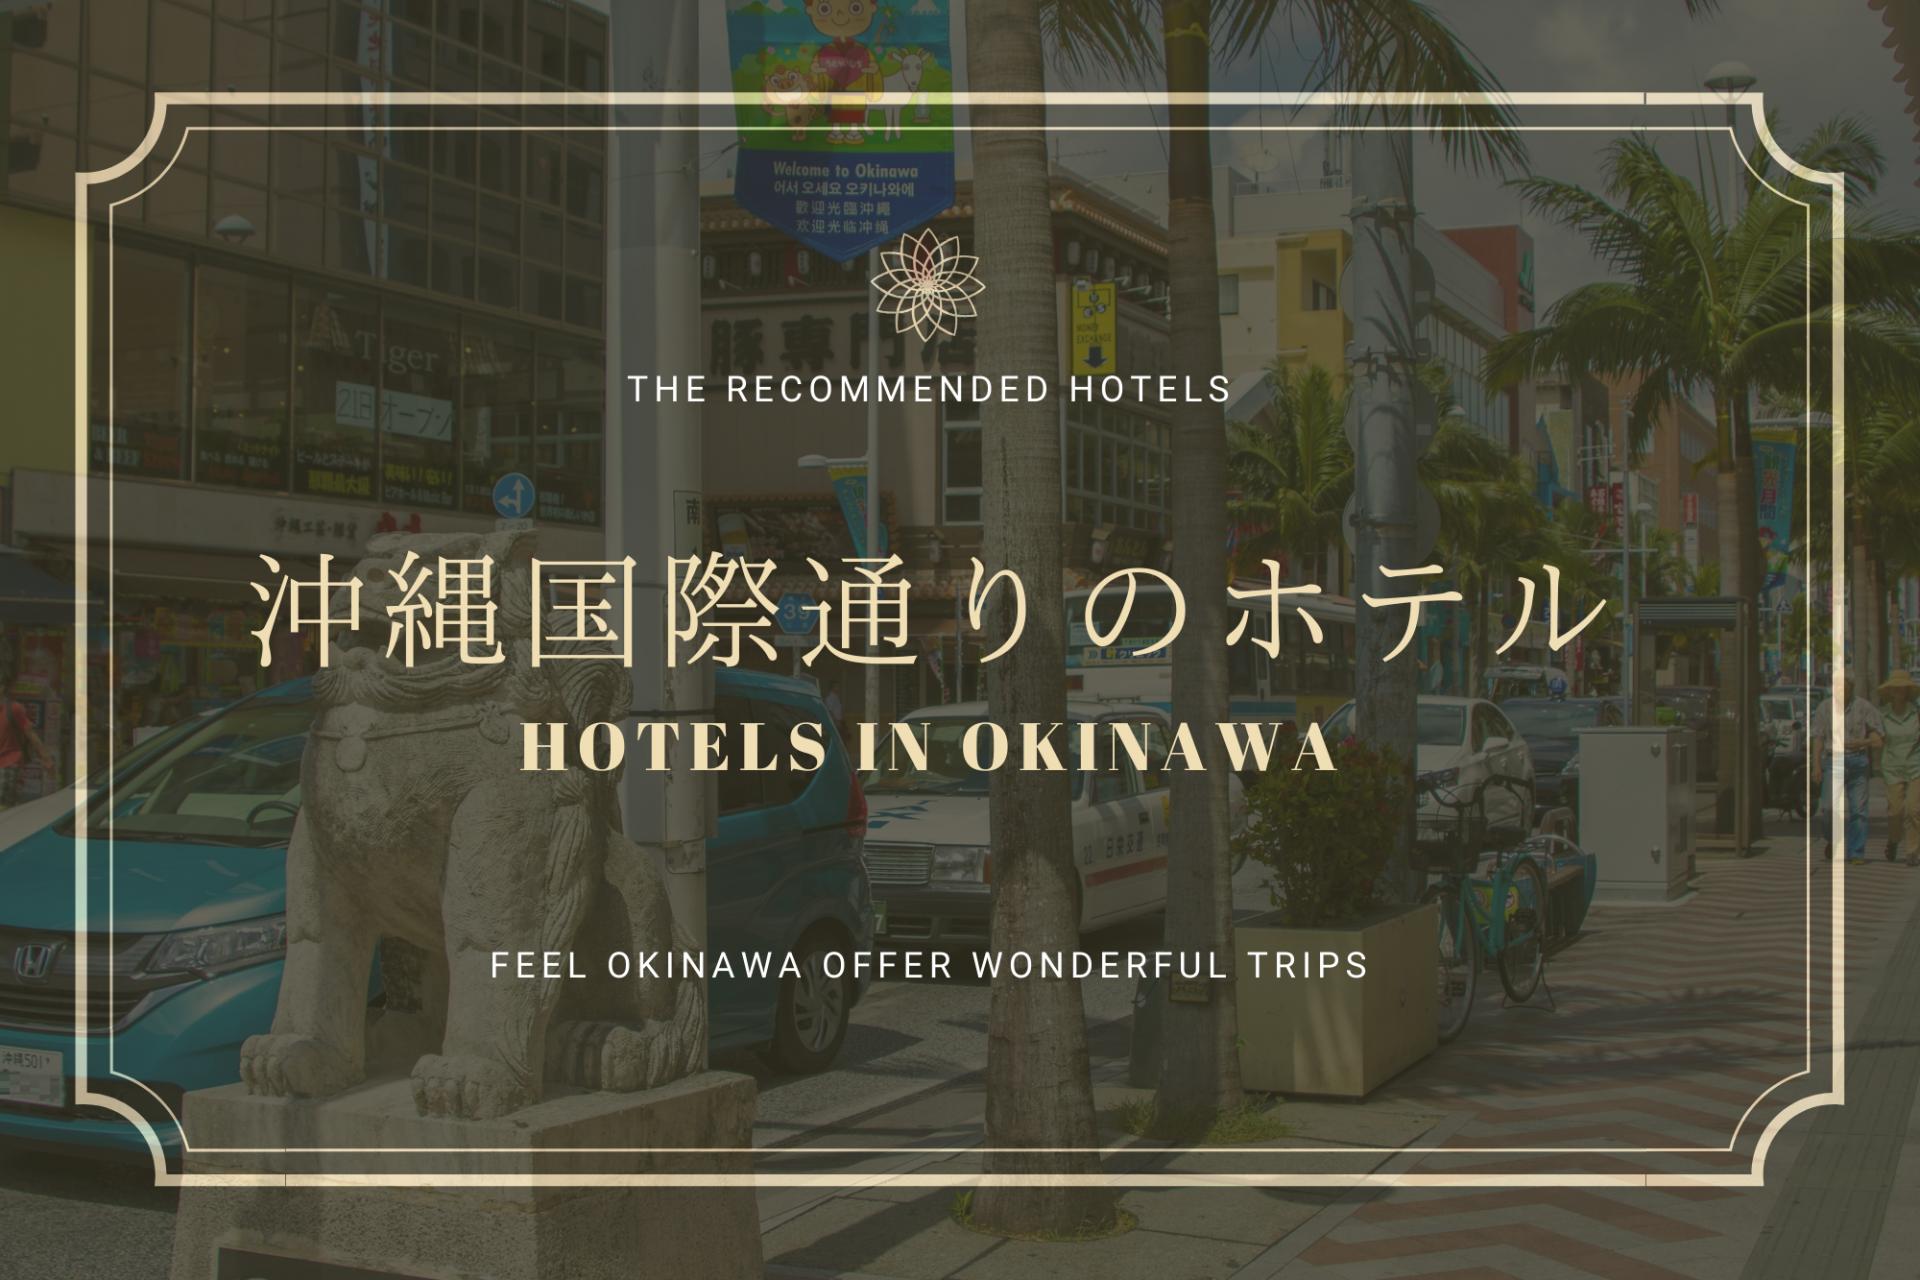 沖縄 ホテル 国際通り